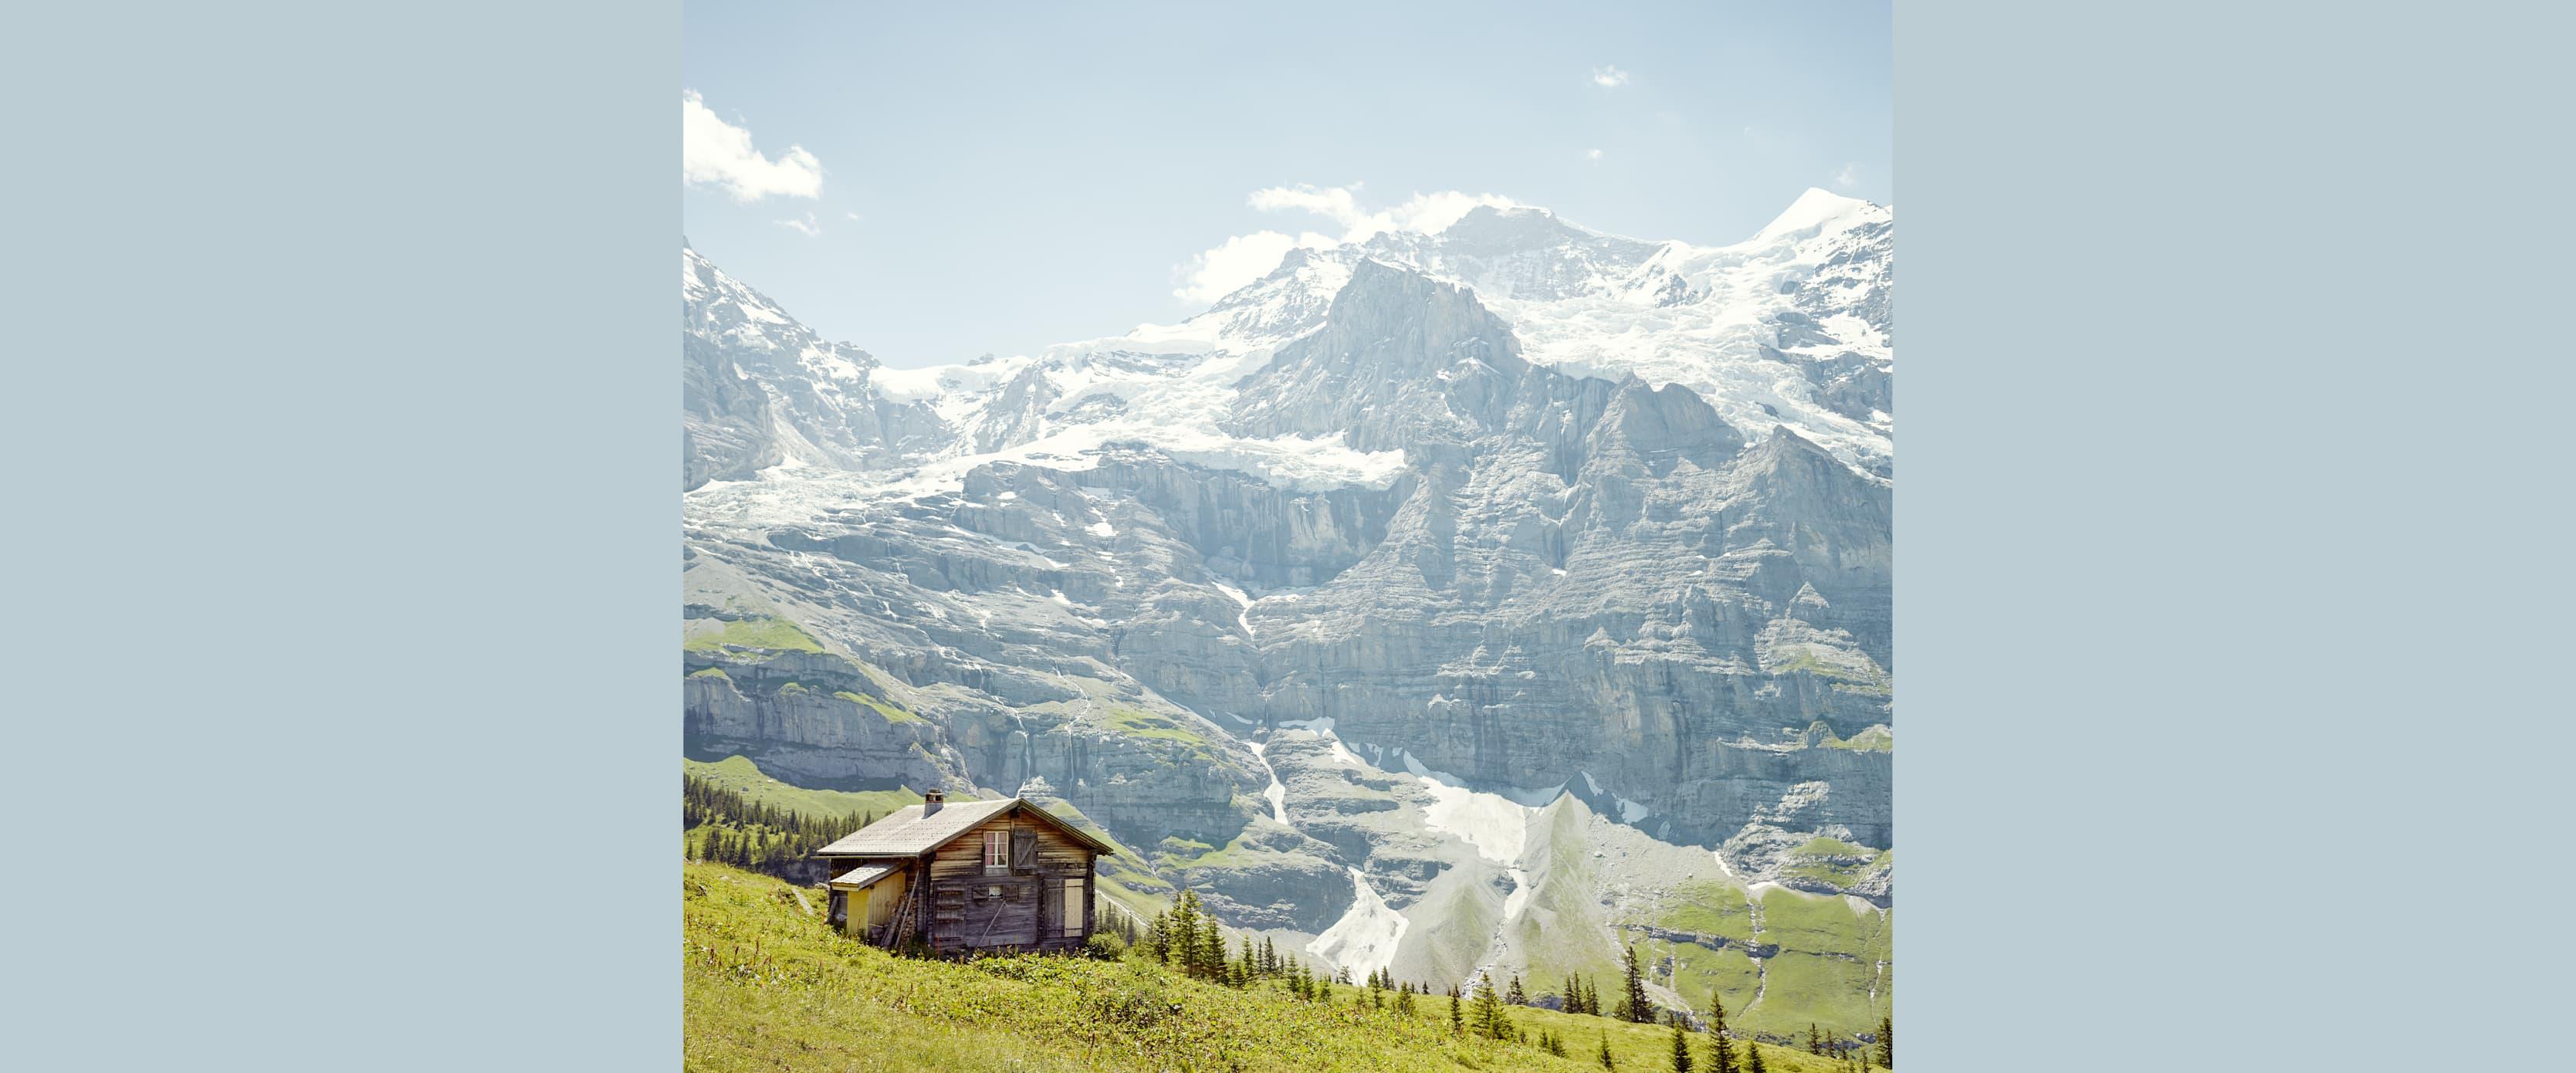 Kleine Scheidegg Alp Gletscher Jungfraujoch Sommer